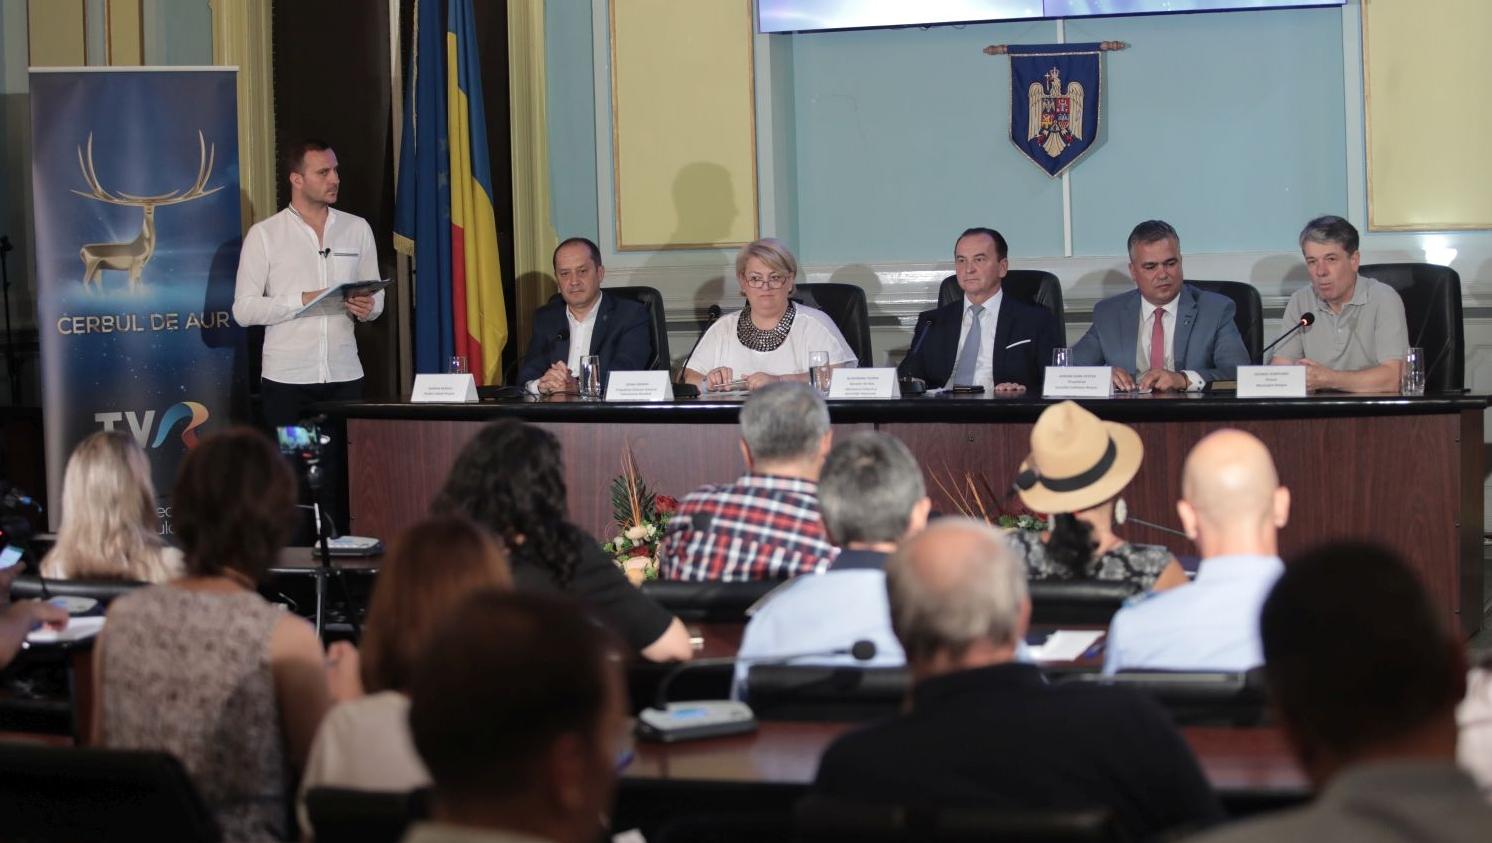 Cerbul de Aur 2019: Brașovul este pregătit de începerea festivalului